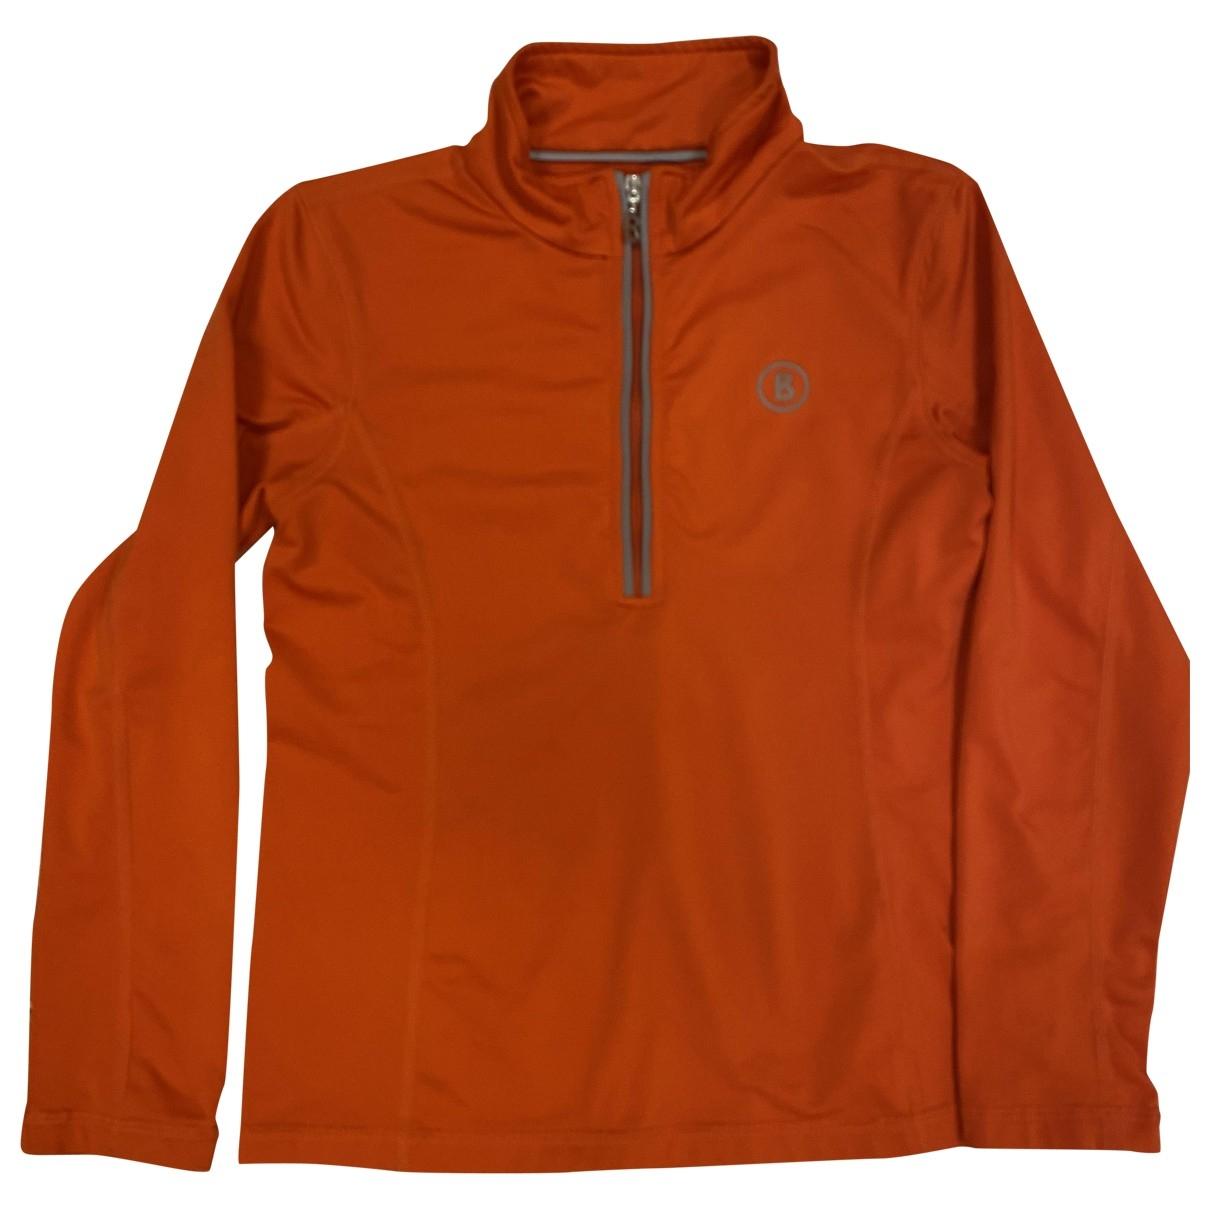 Bogner \N Oberteile in  Orange Polyester